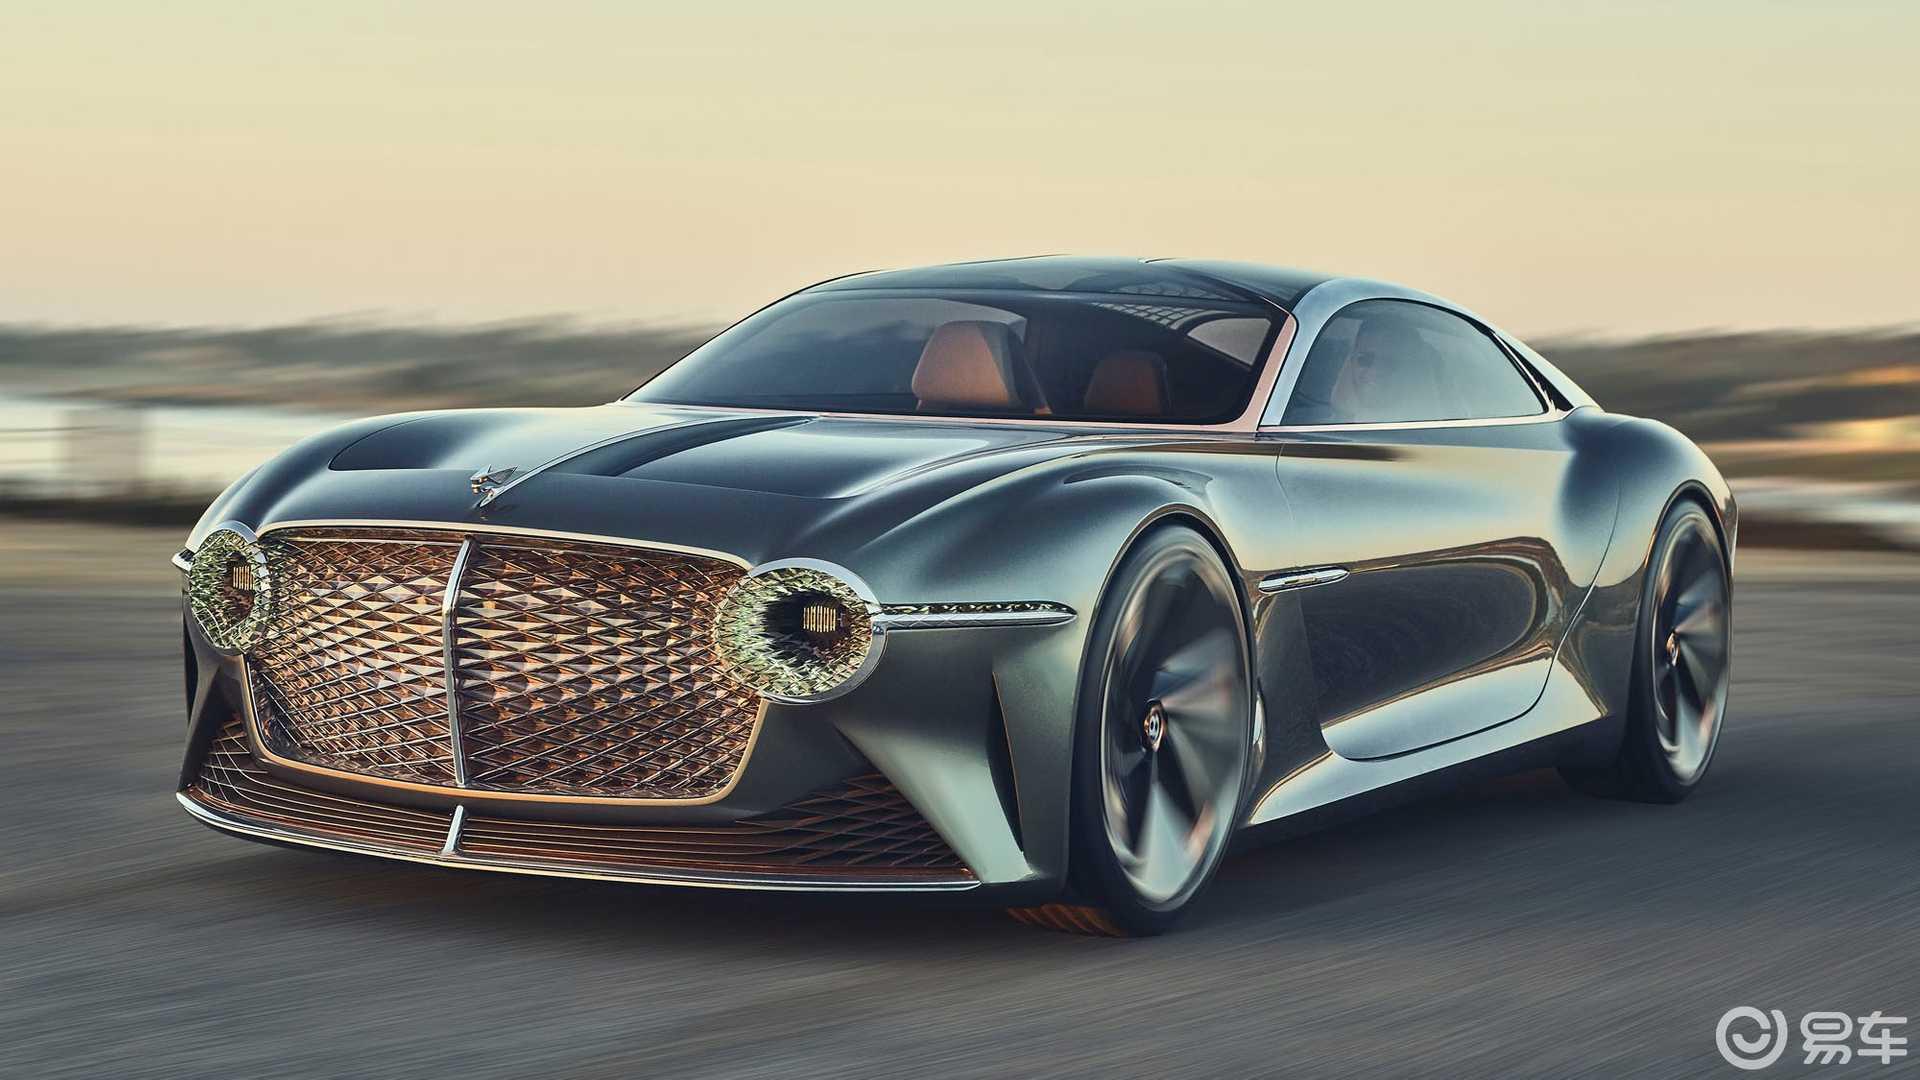 大型GT跑车的霸主地位要易主了 宾利打造全新GT跑车